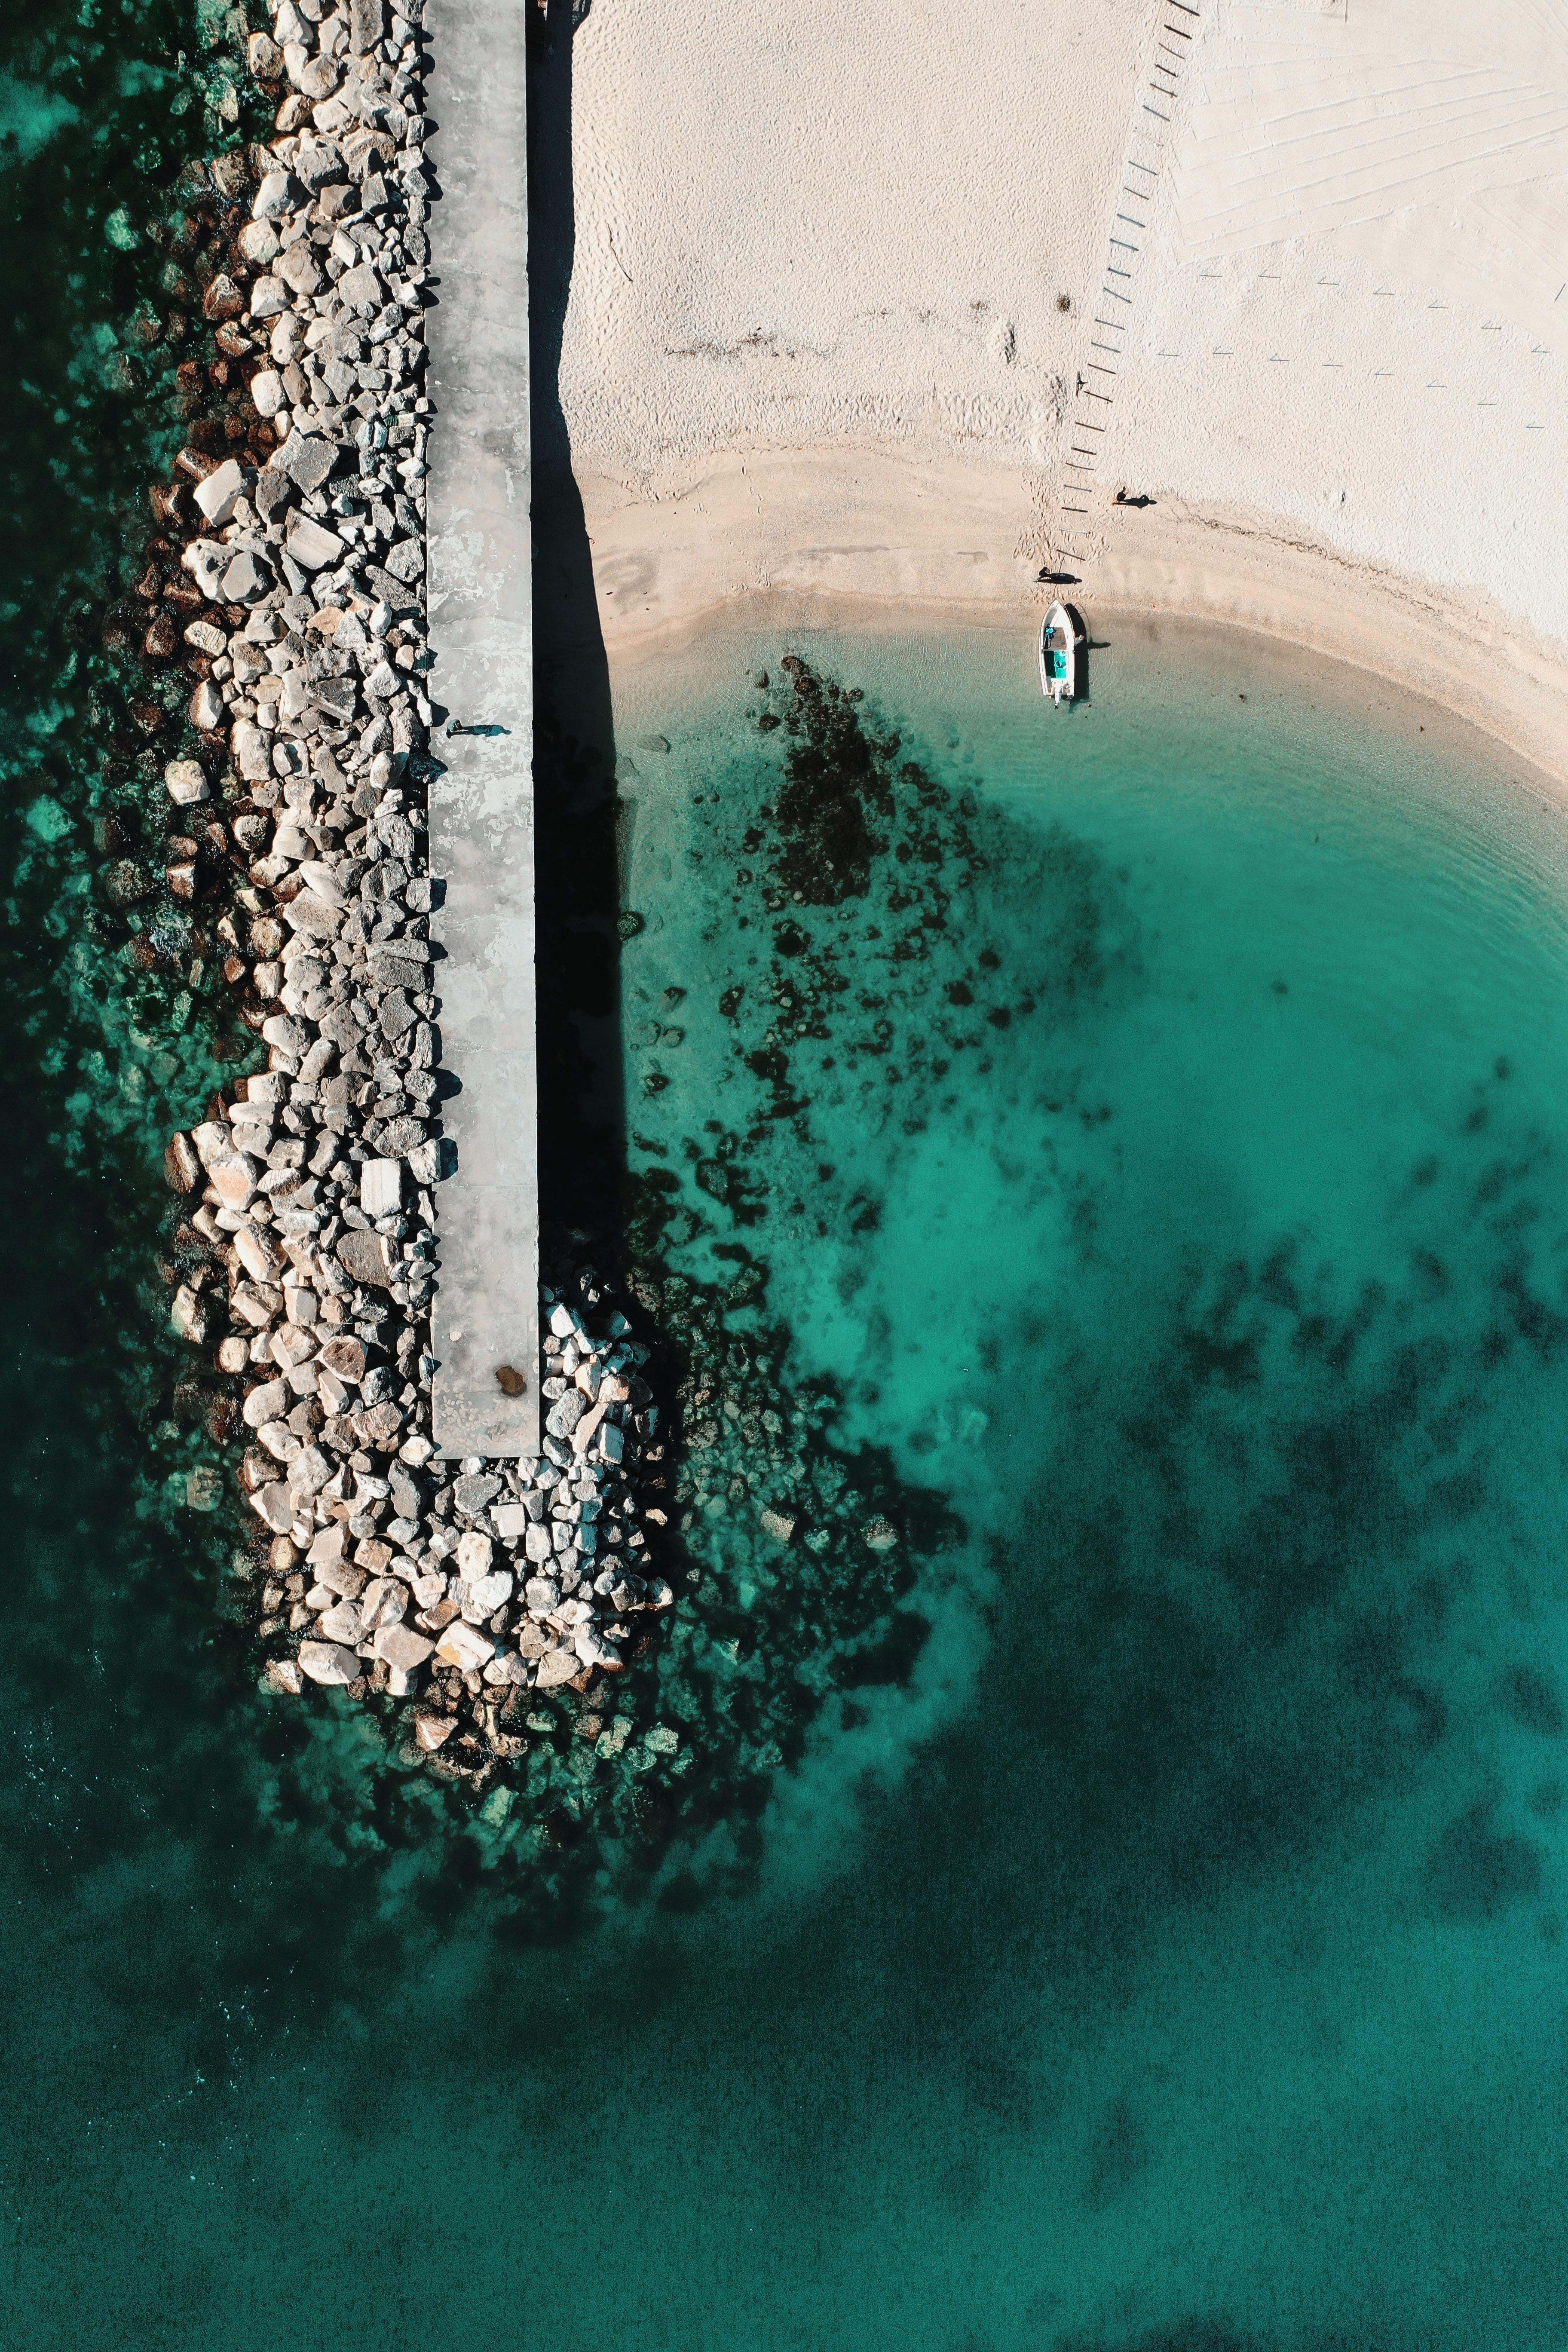 139204壁紙のダウンロード自然, ボート, 舟, 海, ビーチ, ストーンズ, 上から見る-スクリーンセーバーと写真を無料で